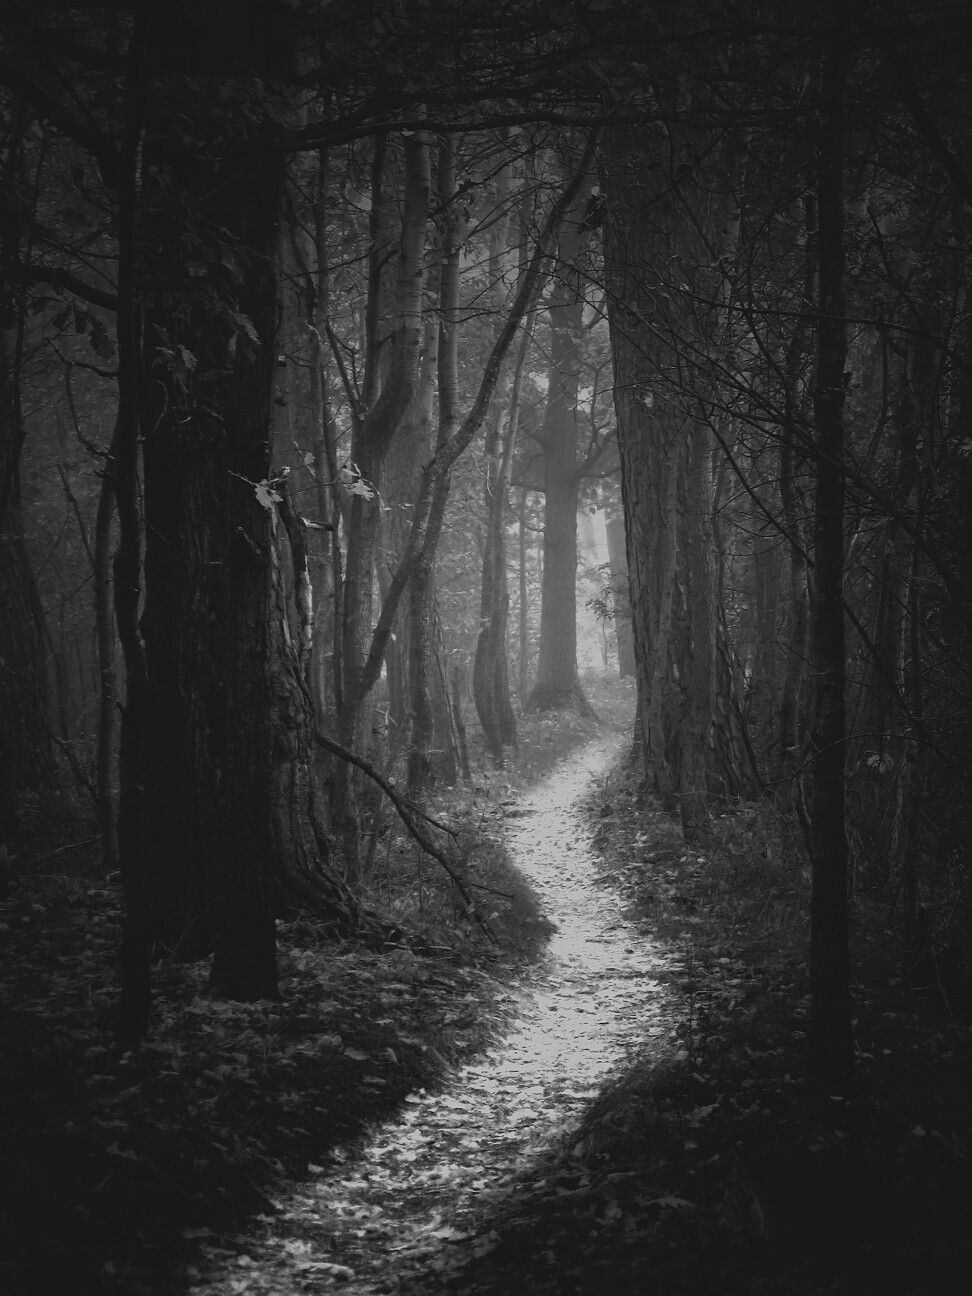 Dark Forest Woods Nature Black Landscape Forest Path Fantasy Landscape Winter Forest